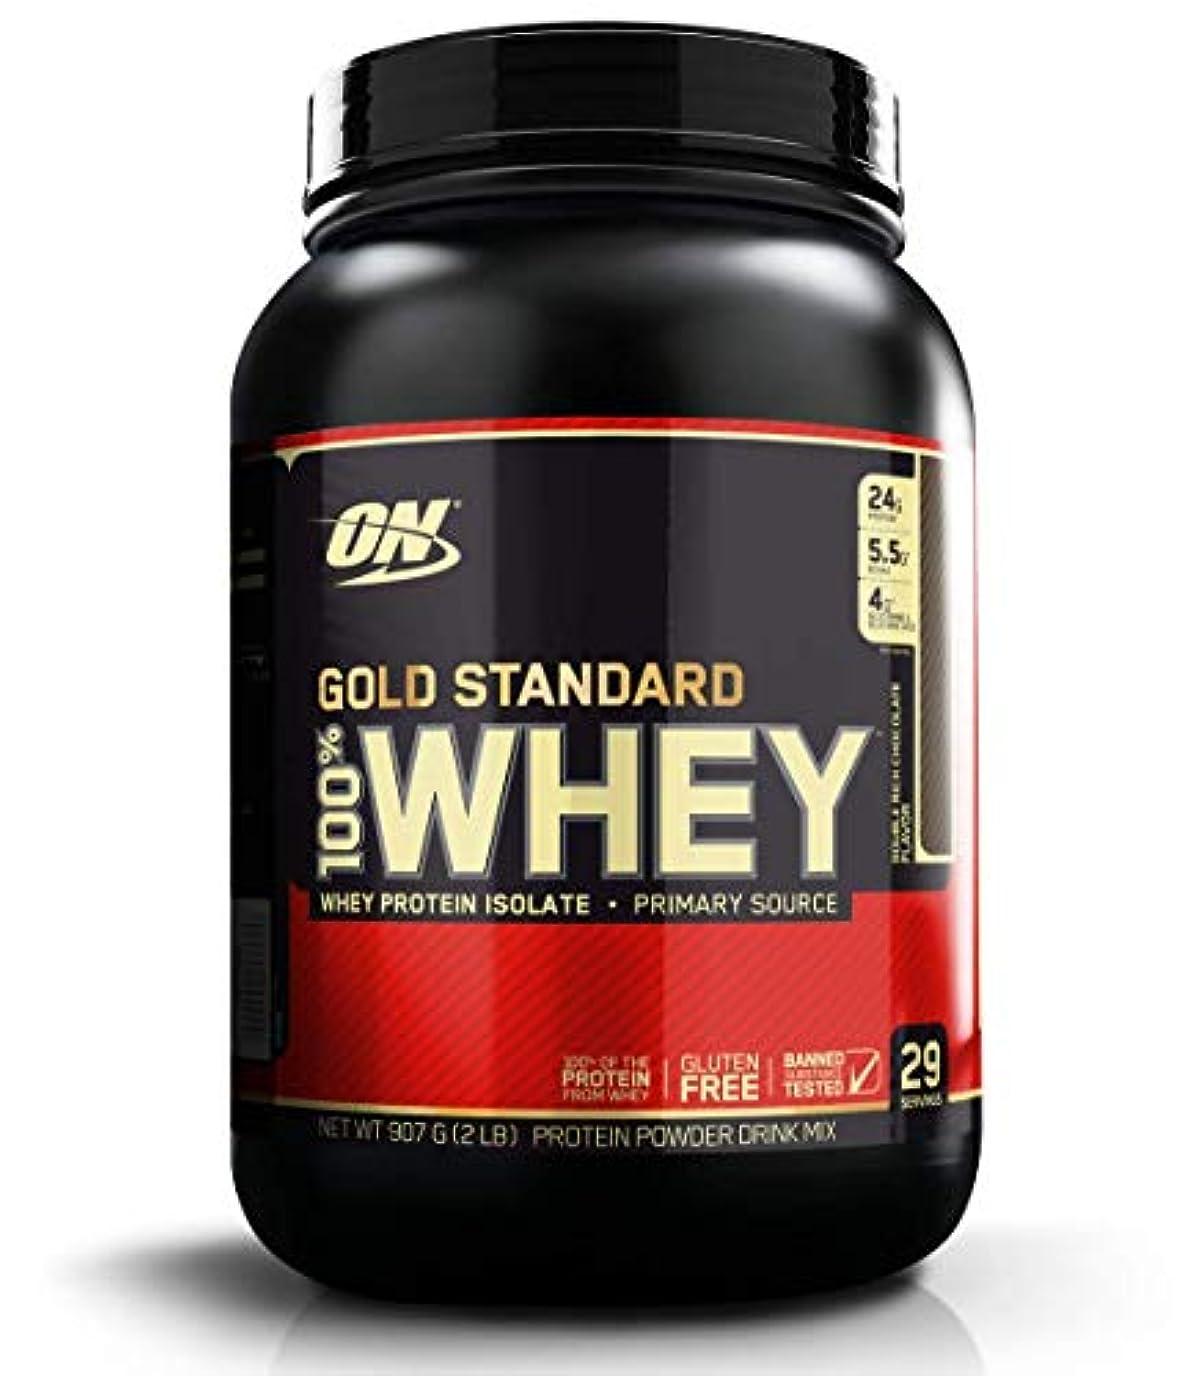 郵便物食器棚心理的に【国内正規品】Gold Standard 100% ホエイ エクストリーム ミルクチョコレート 907g(2lb) 「ボトルタイプ」